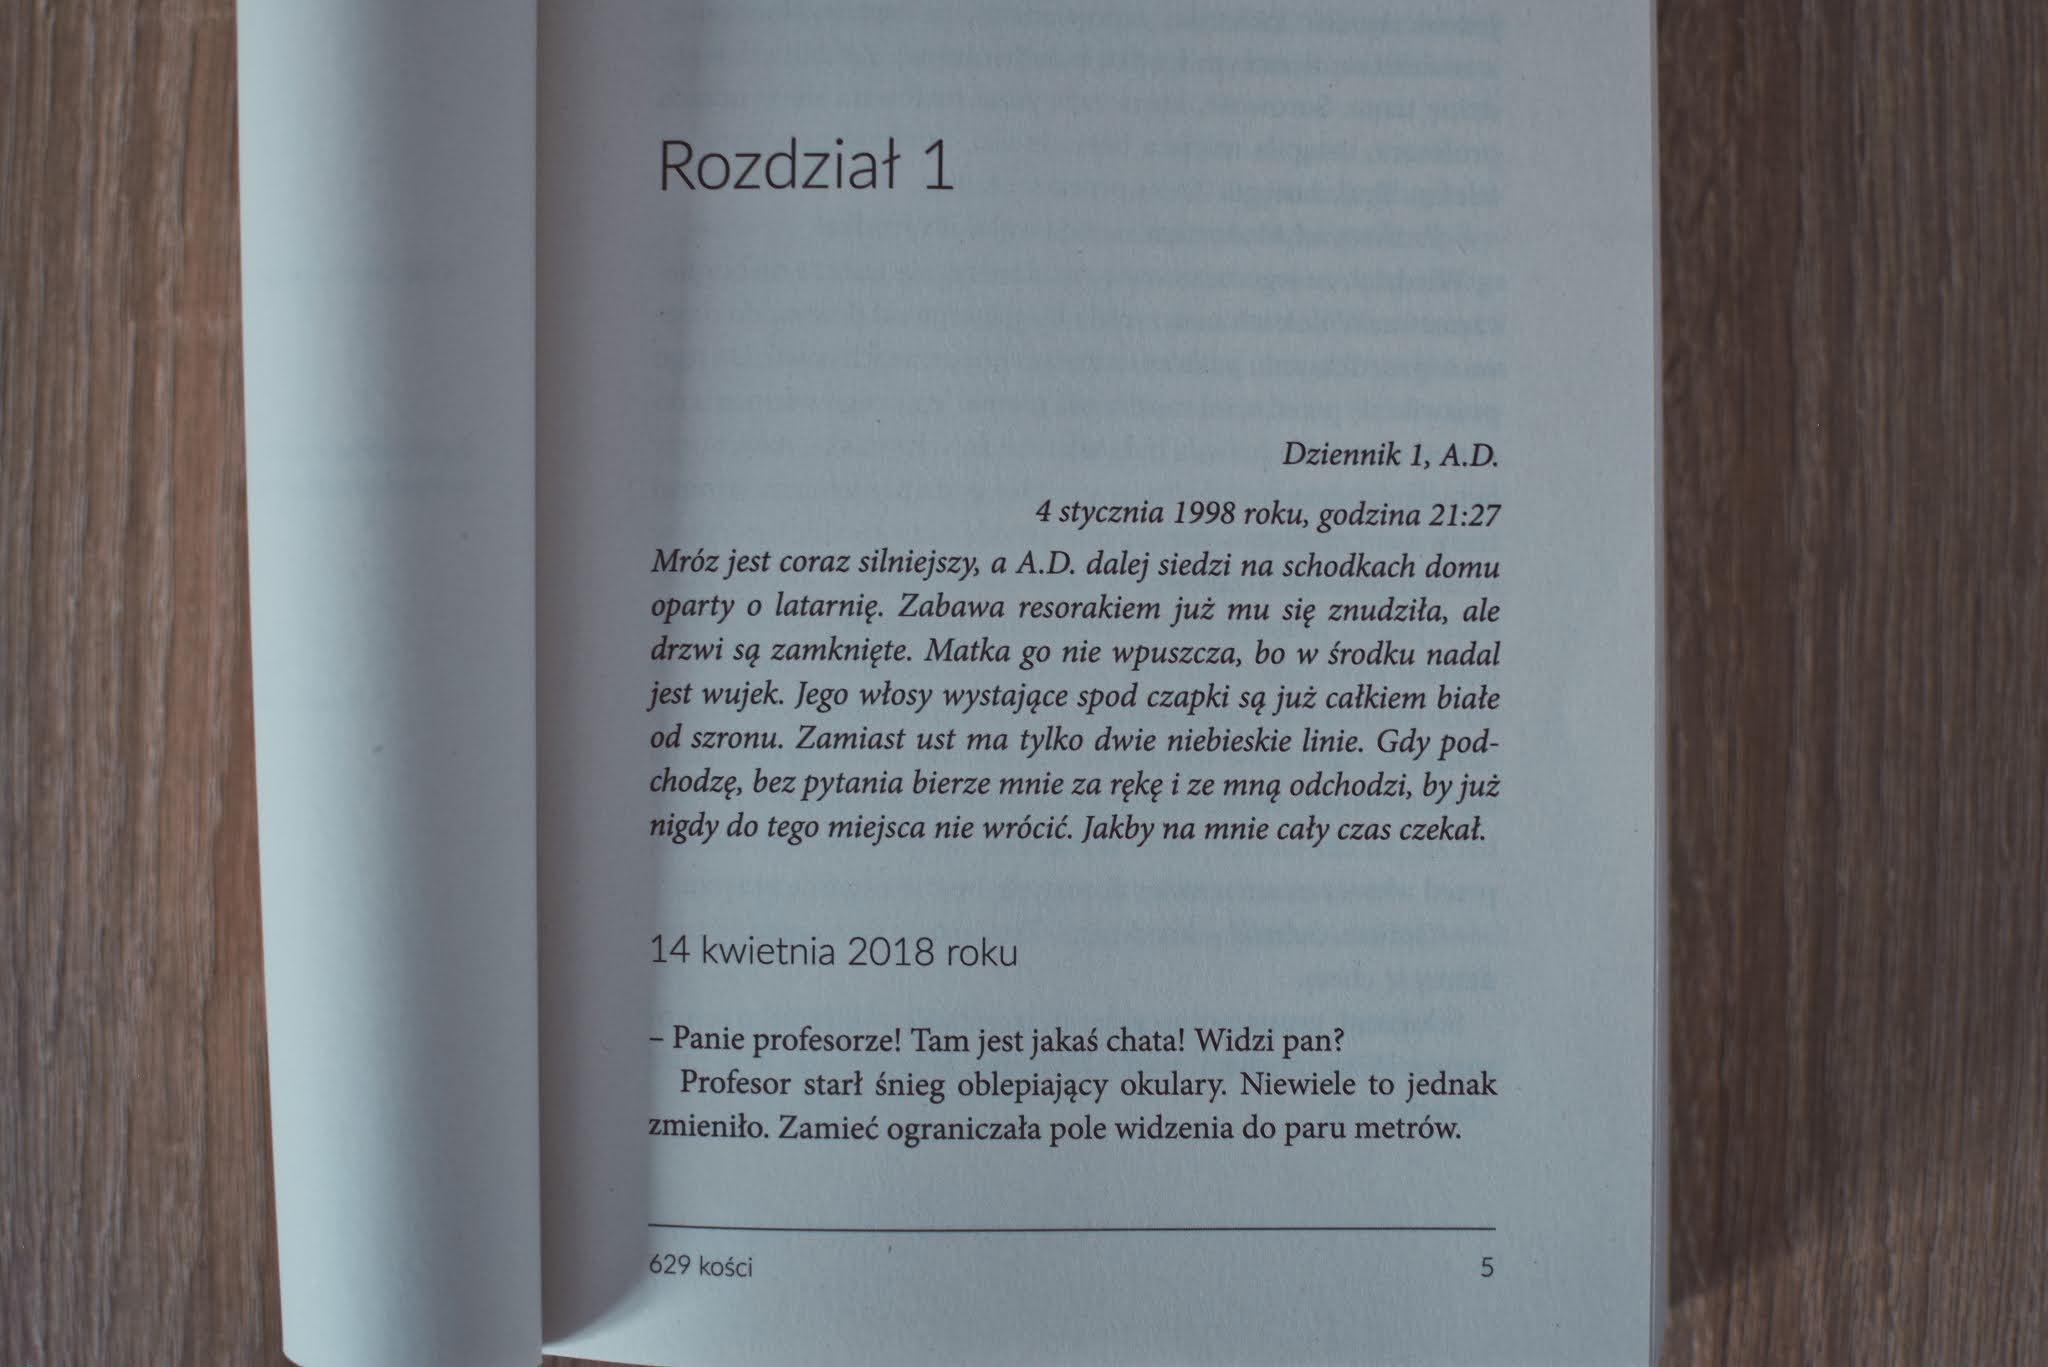 WydawnictwoProzami,629Kości, kryminał, MMPerr, seria, RobertLew,seriakryminalna,opowiadanie,recenzja,kości, pedofil